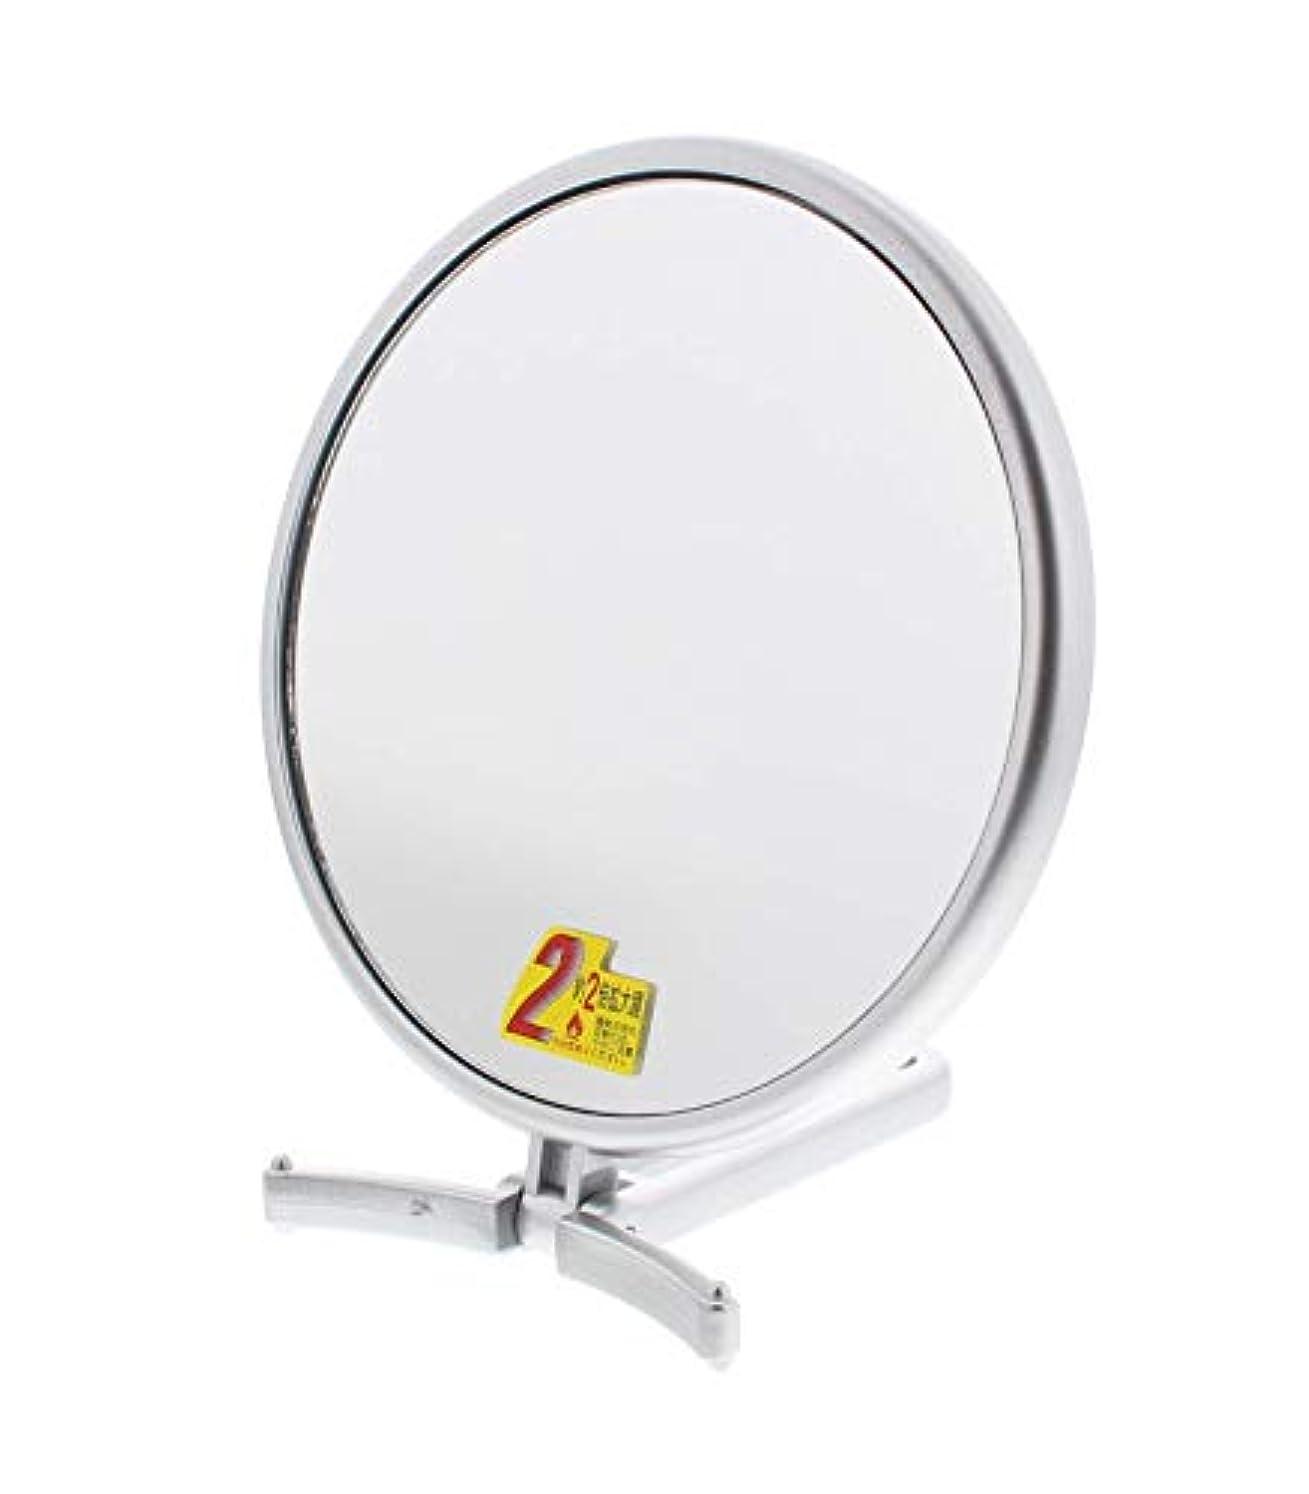 ハーブファランクスピューメリー 片面約2倍拡大鏡付折立式ハンドミラー シルバー CH-7740